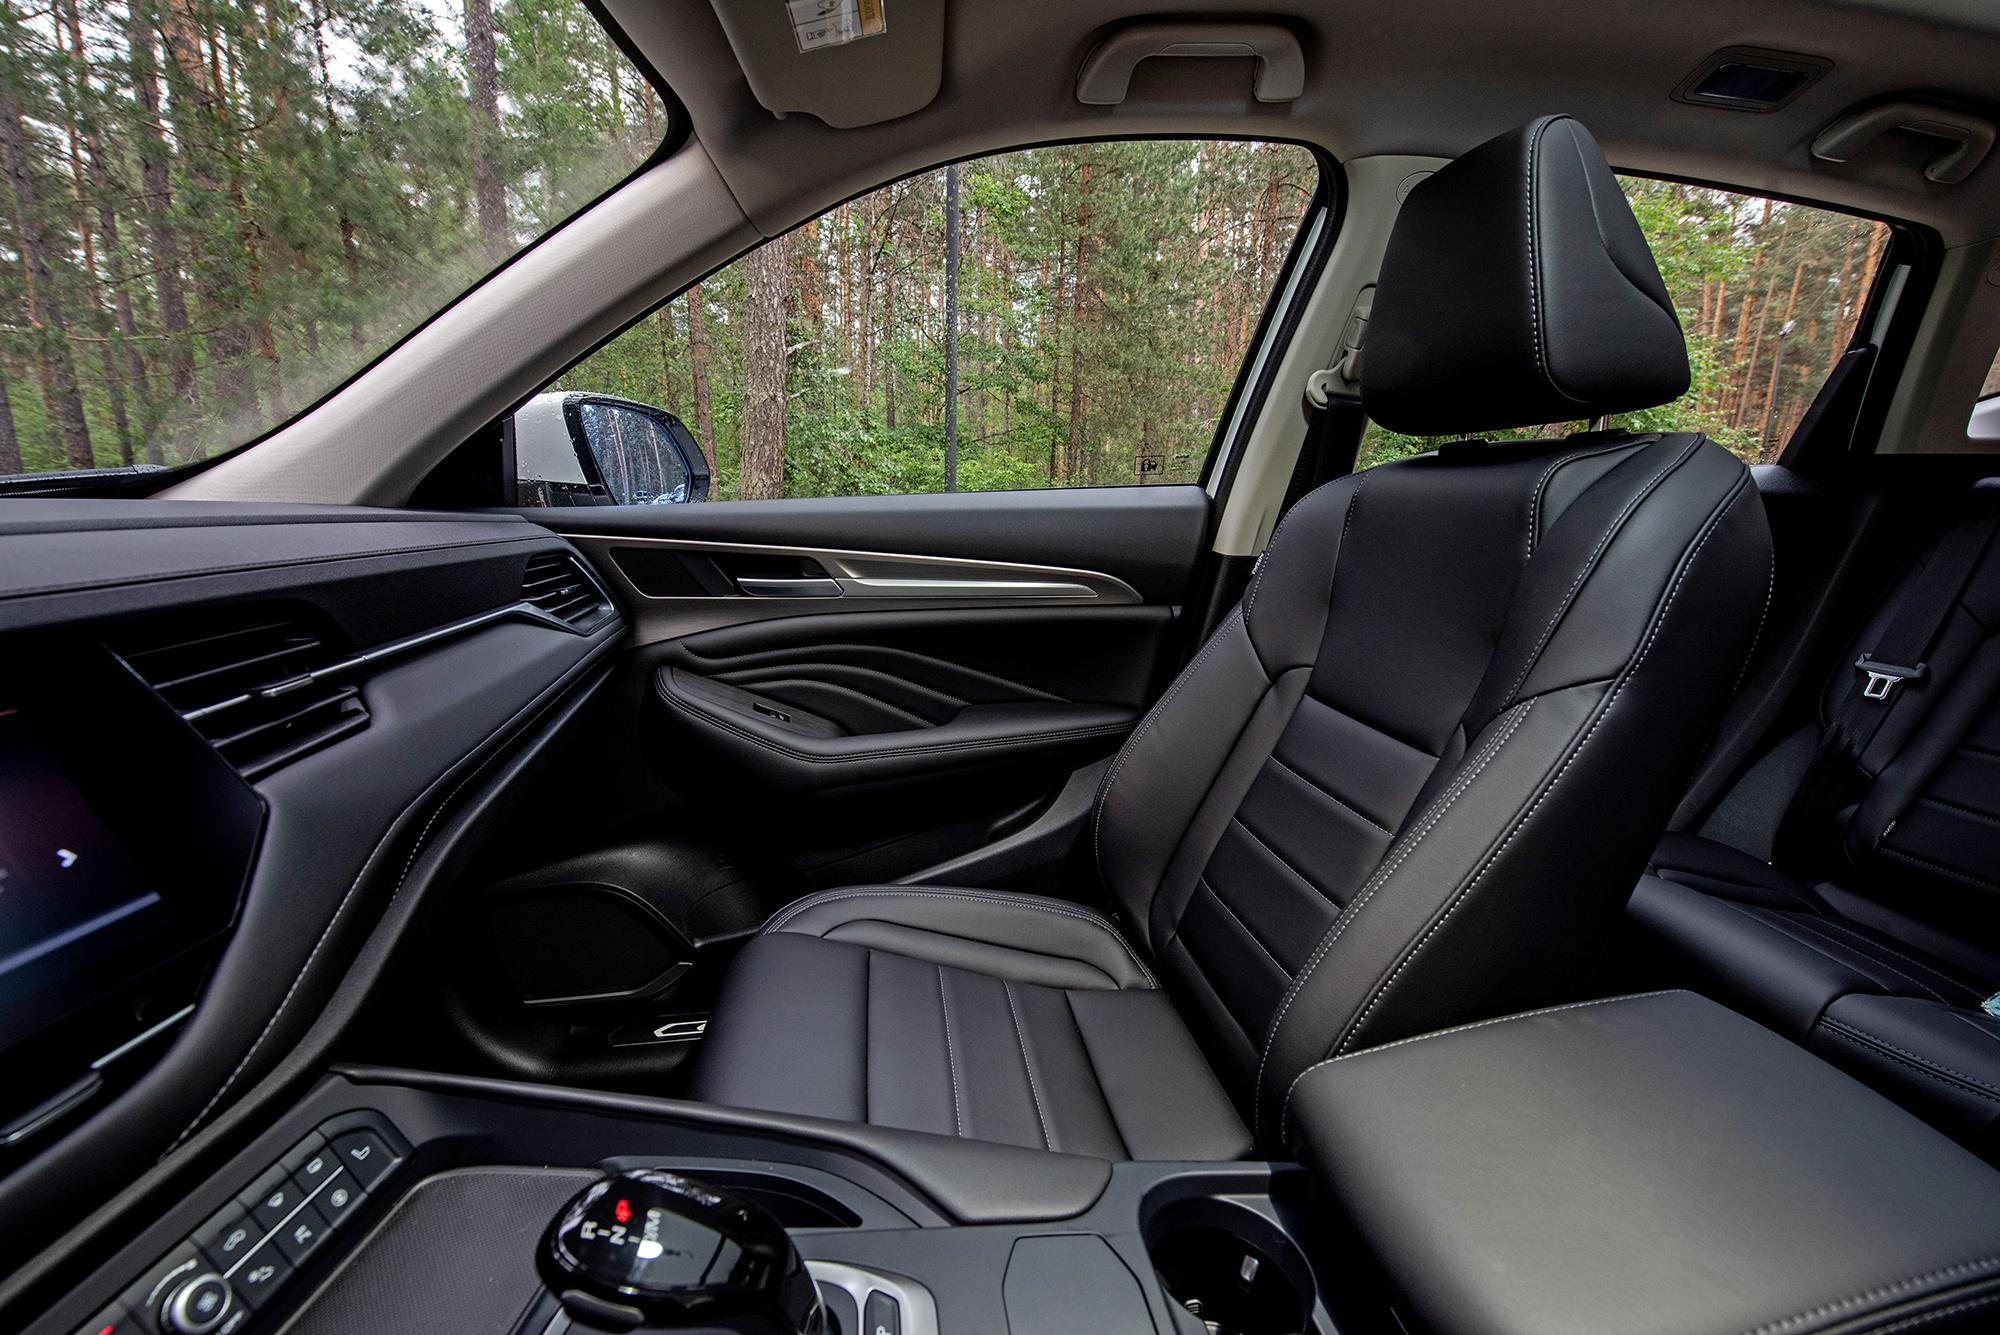 Haval F7 фото салона переднее кресло пассажира